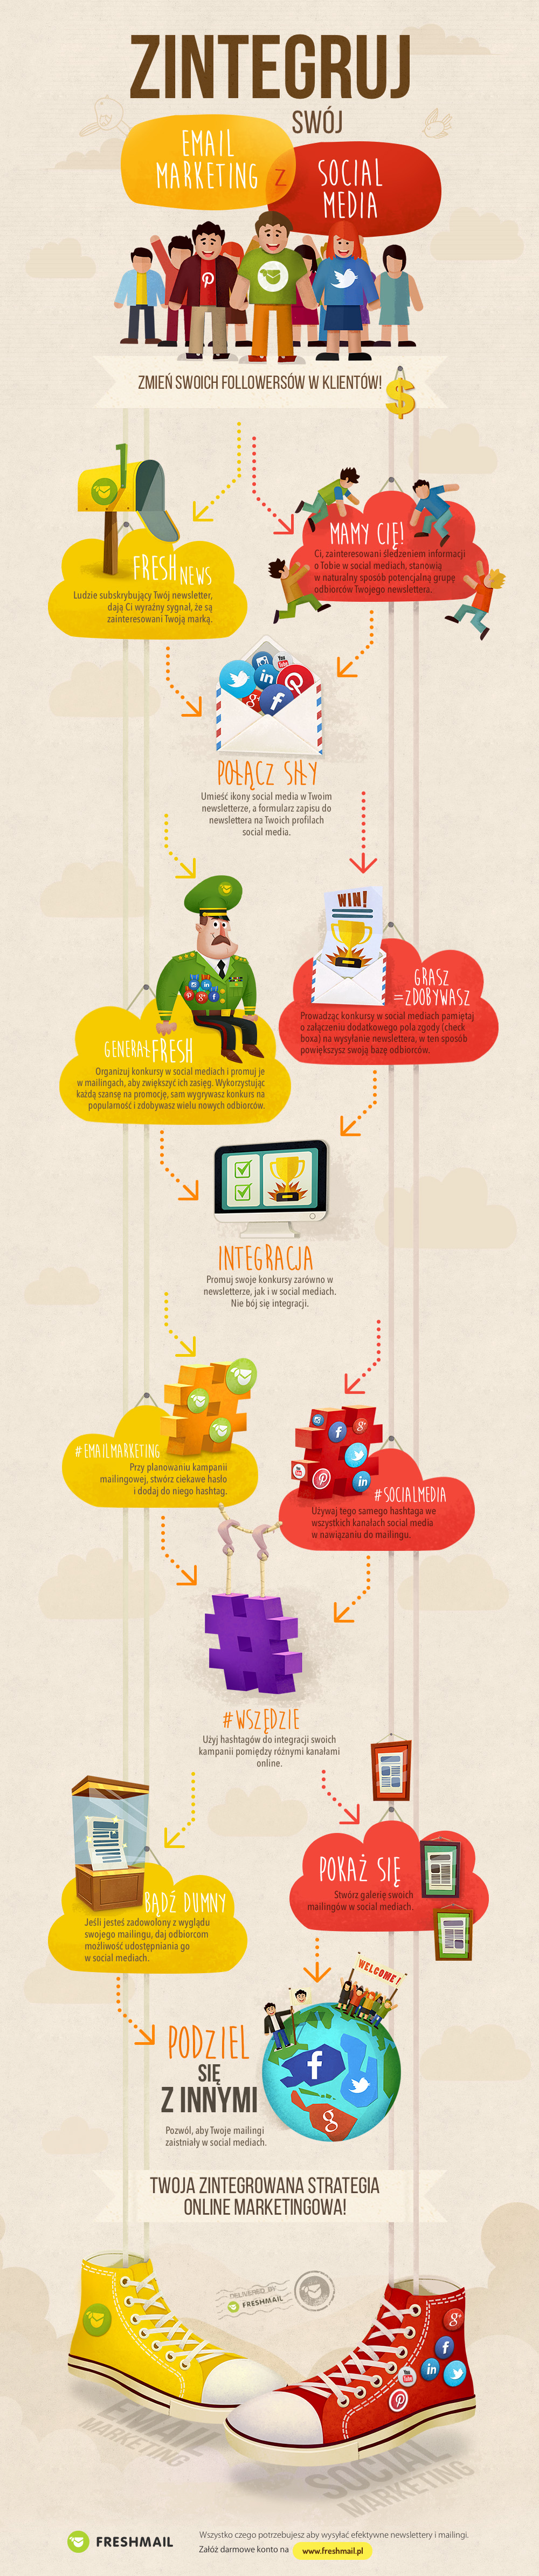 Pocieszna i sympatyczna infografika o integracji maila i social media.